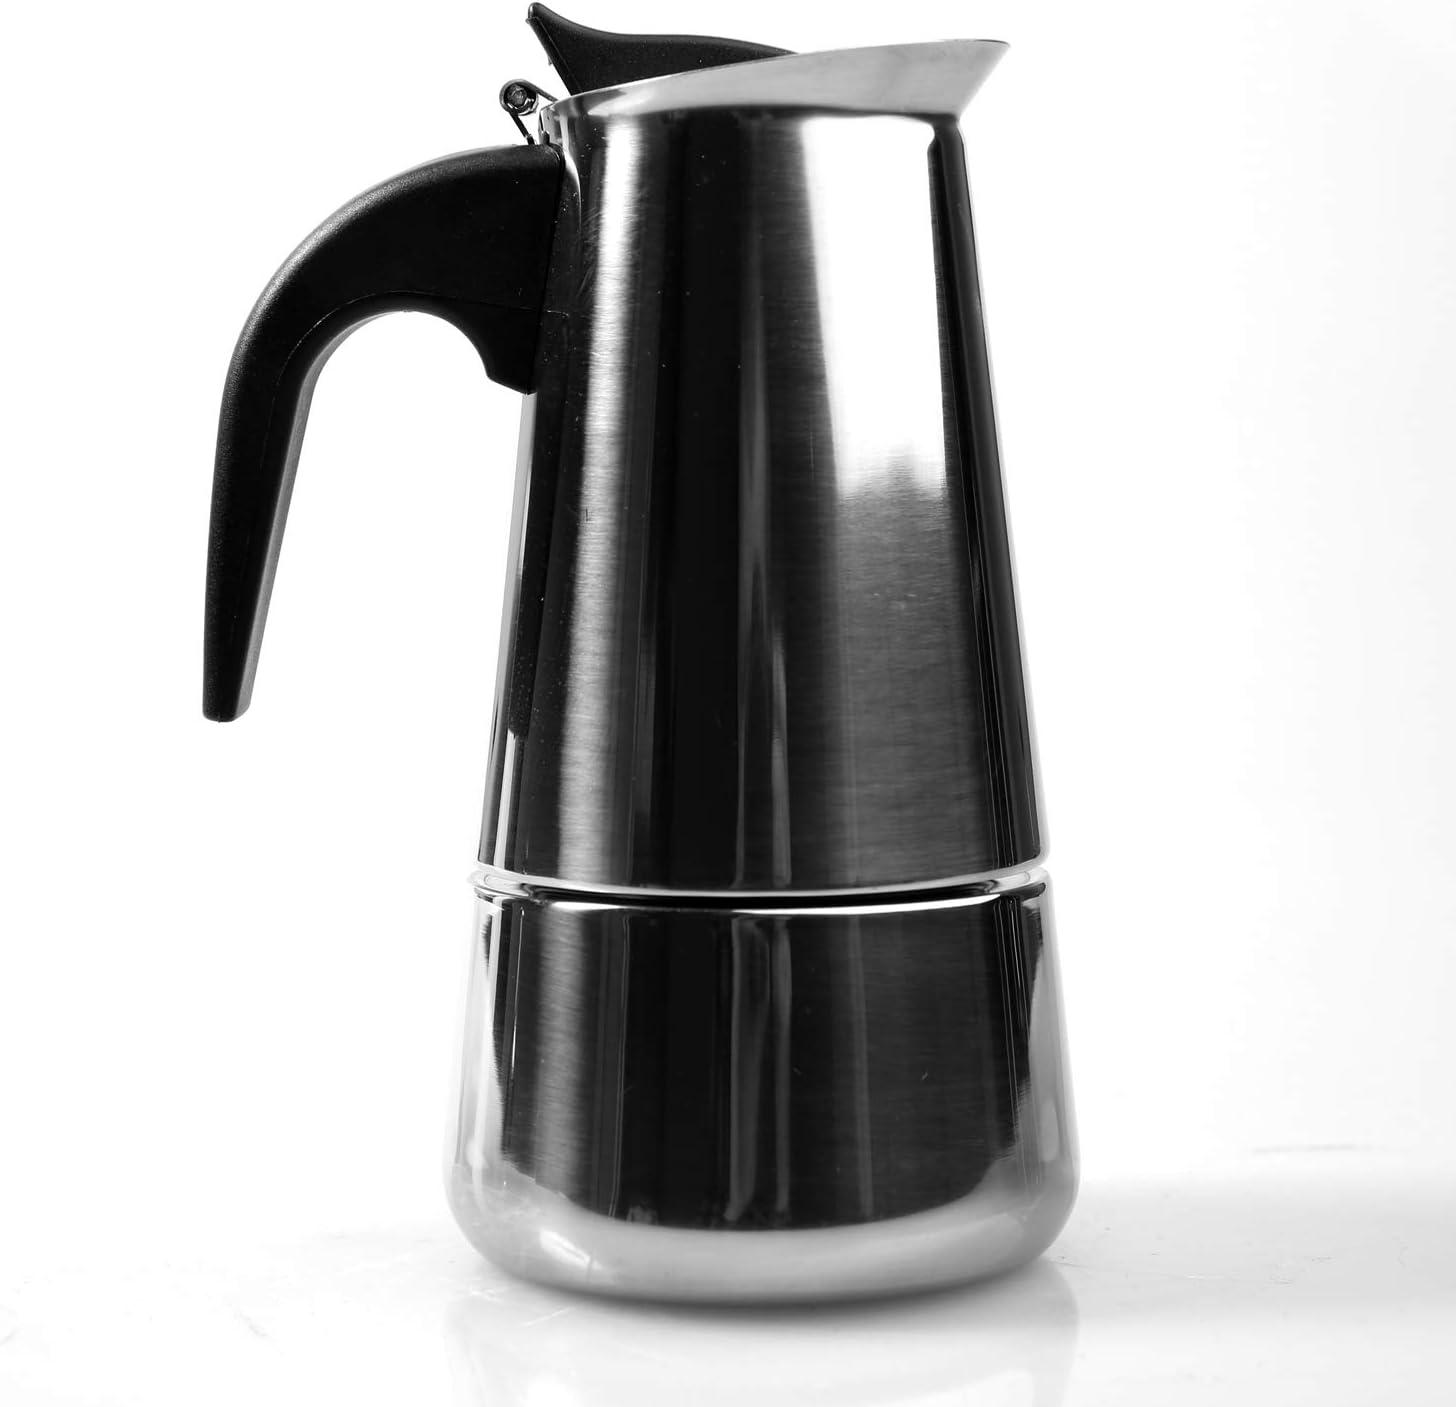 MI CASA Cafetera Italiana de Acero Inoxidable para 9 Tazas: Amazon.es: Hogar